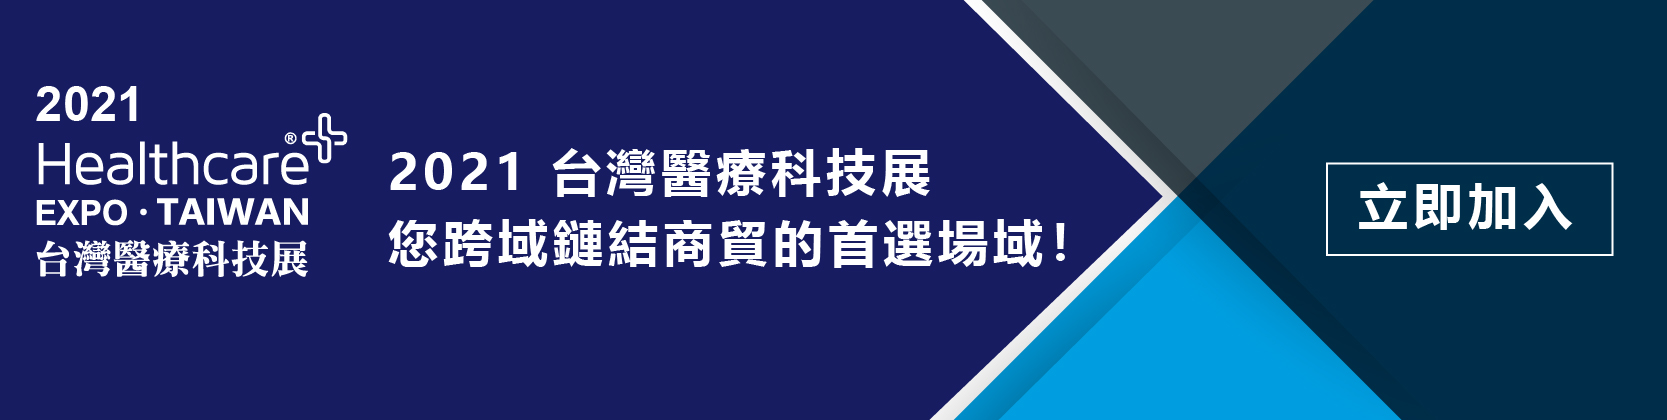 2021 台灣醫療科技展 您跨域鏈結商貿的首選場域!